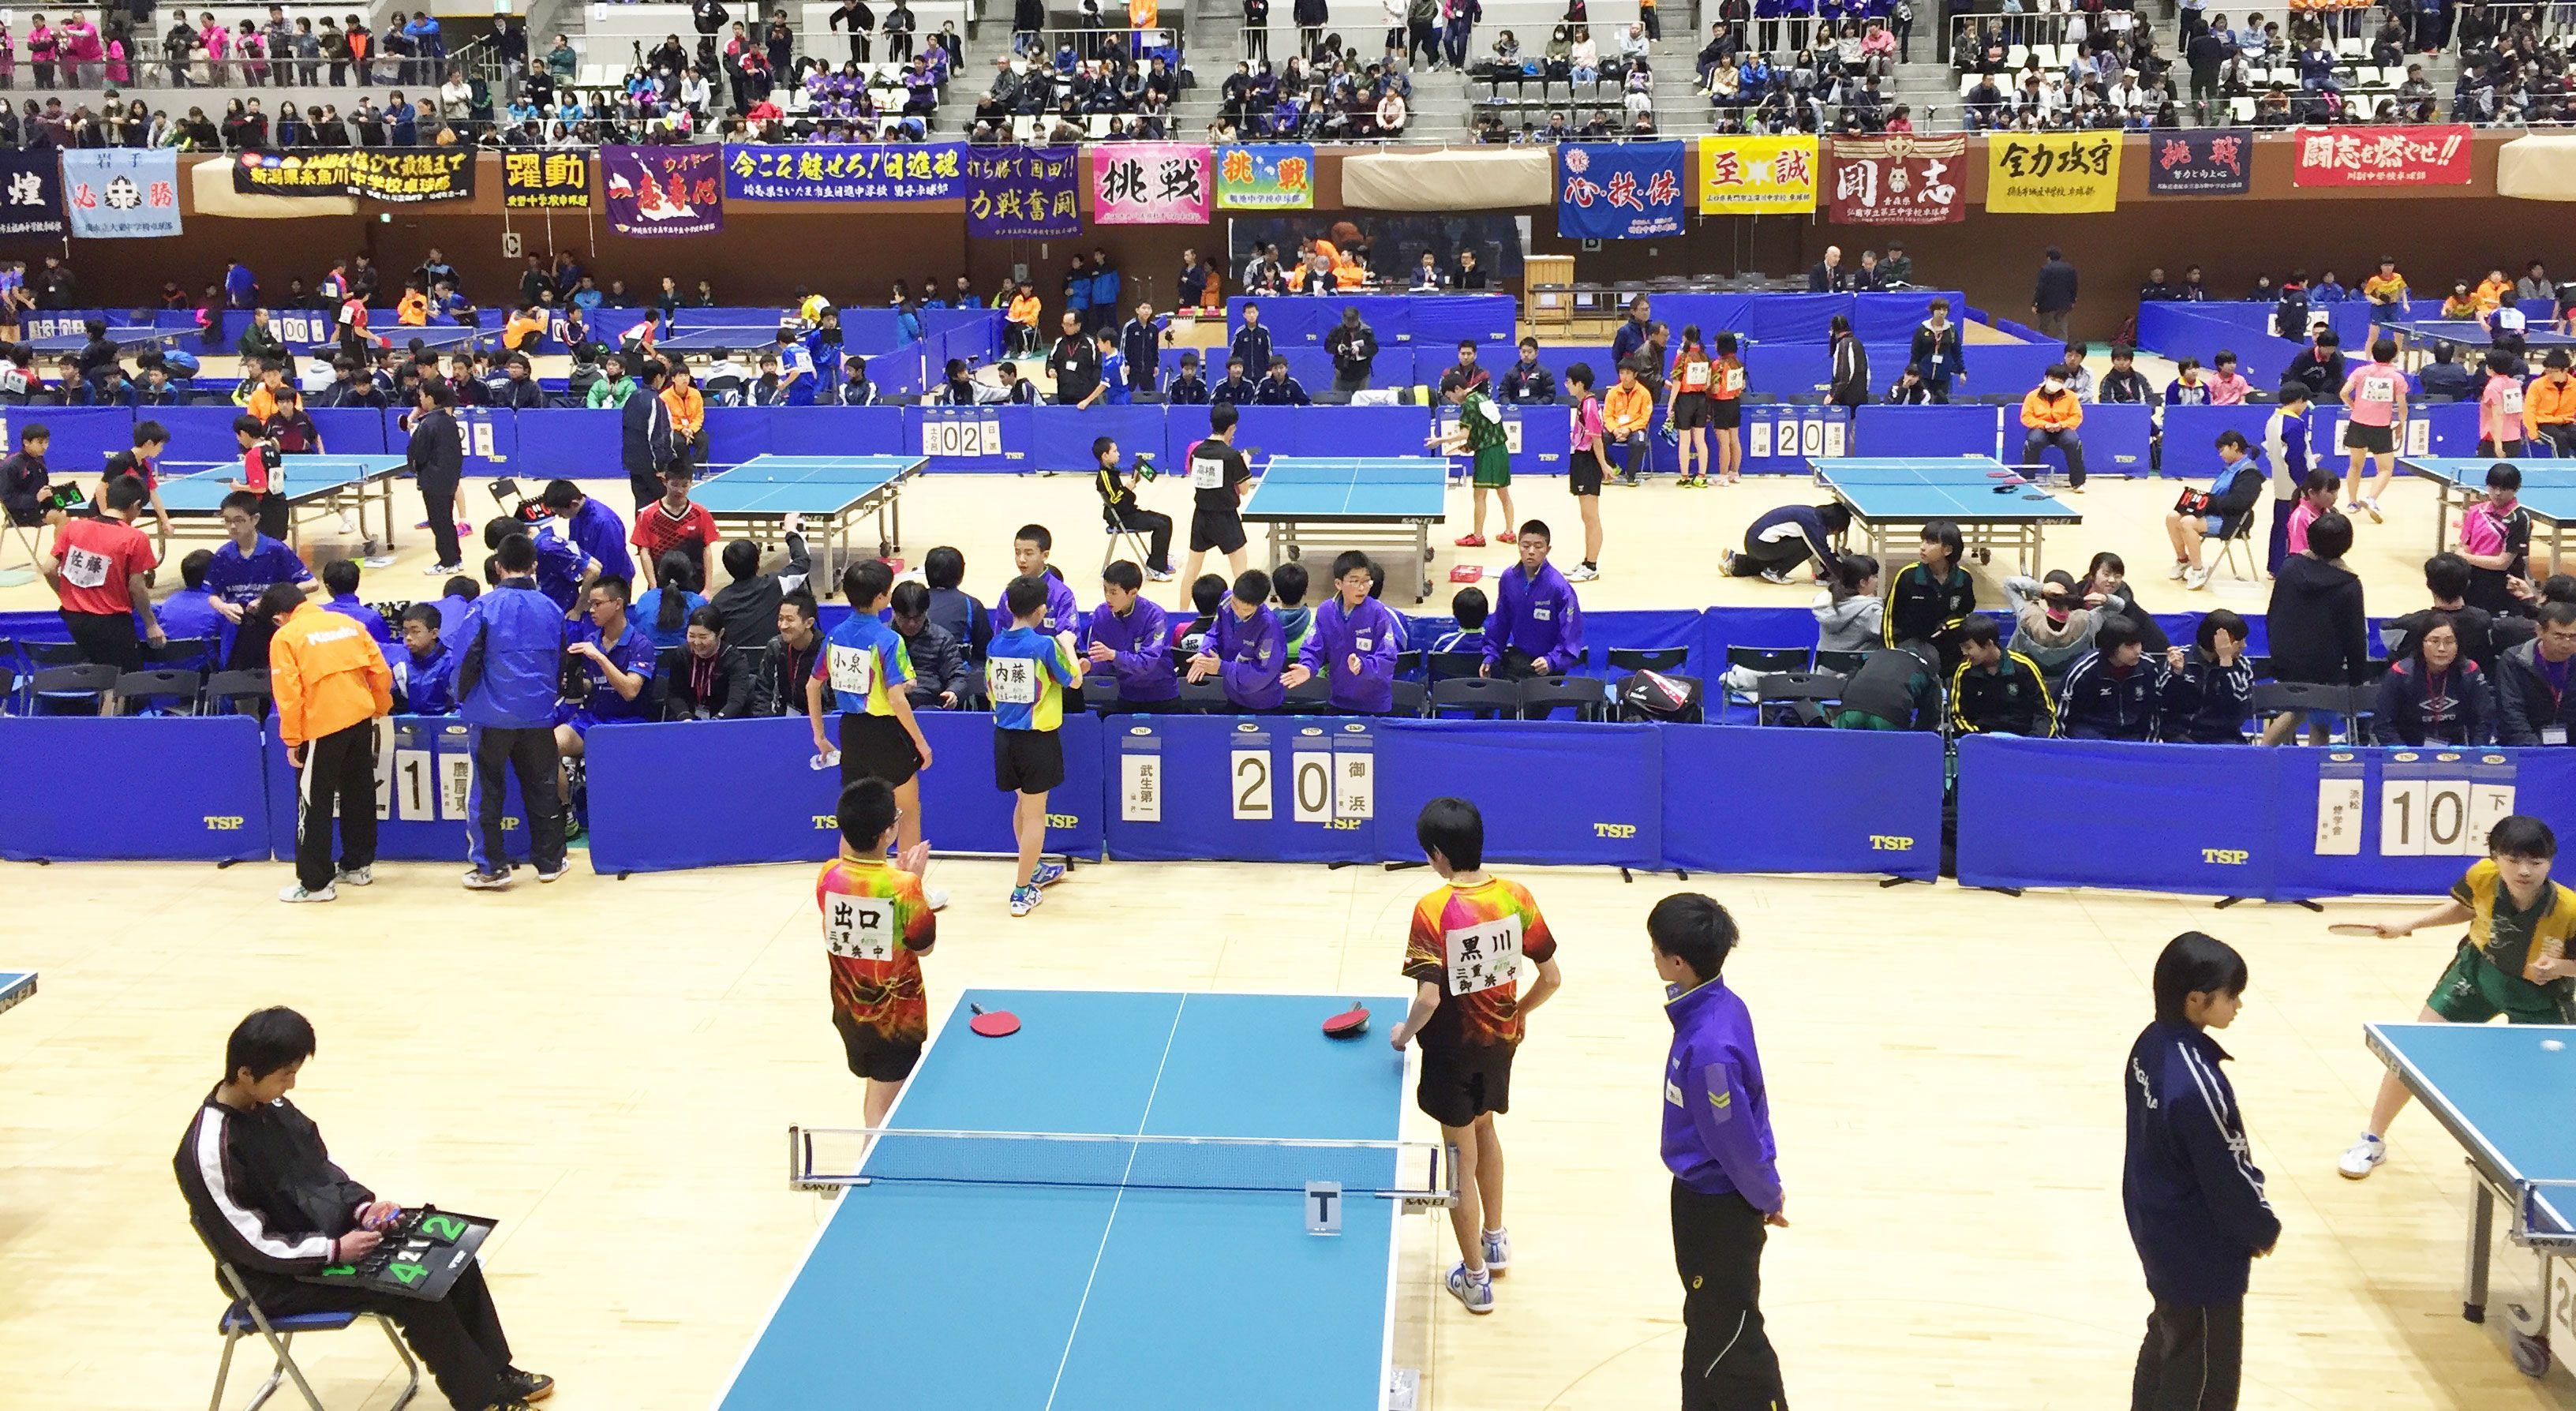 第19回全国中学選抜卓球大会様子